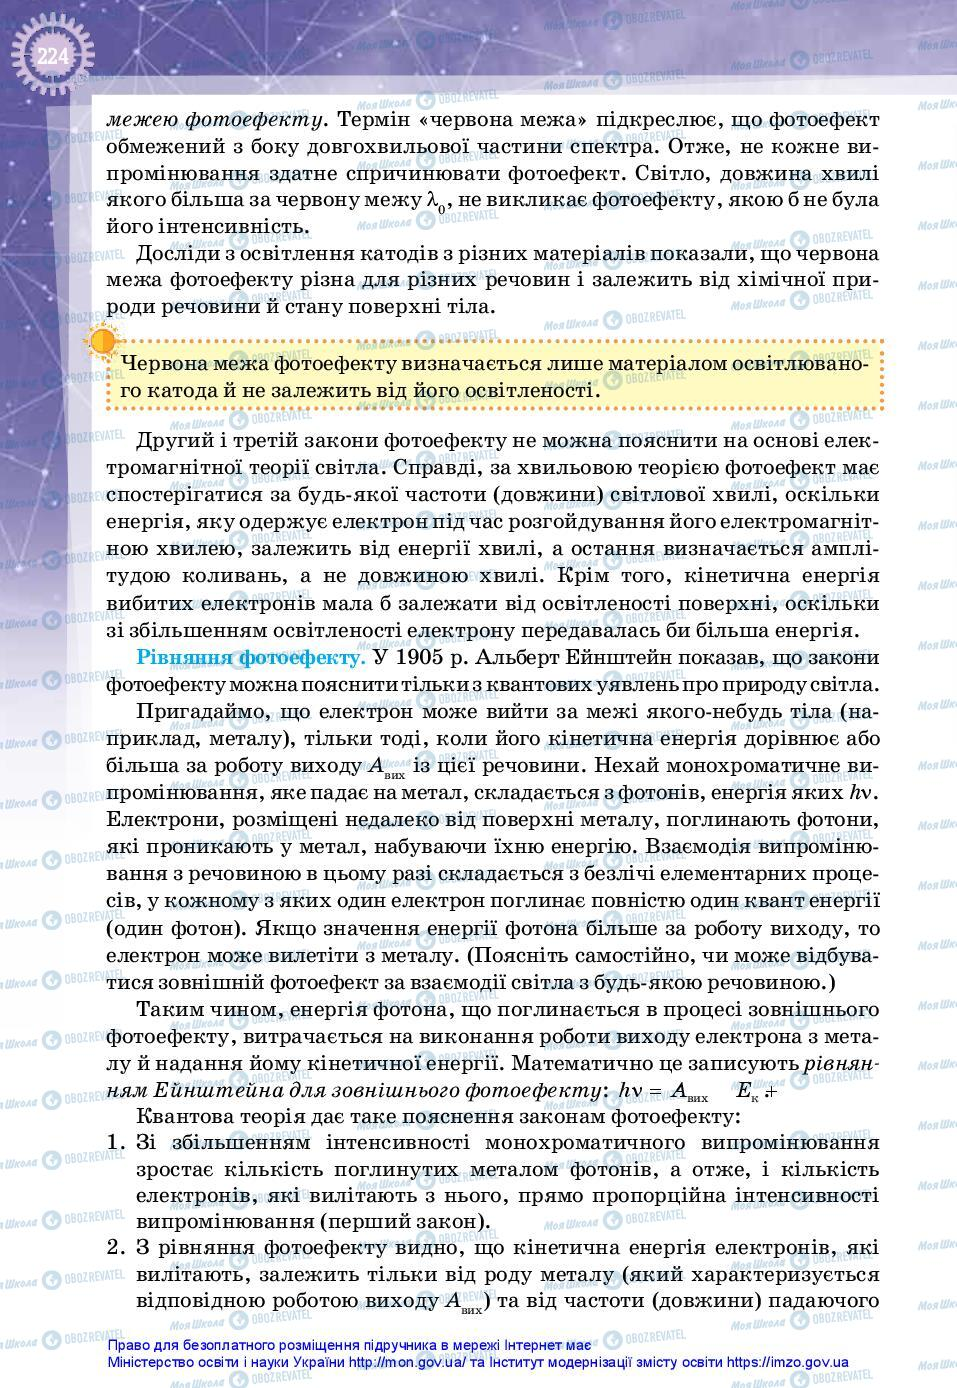 Підручники Фізика 11 клас сторінка 224